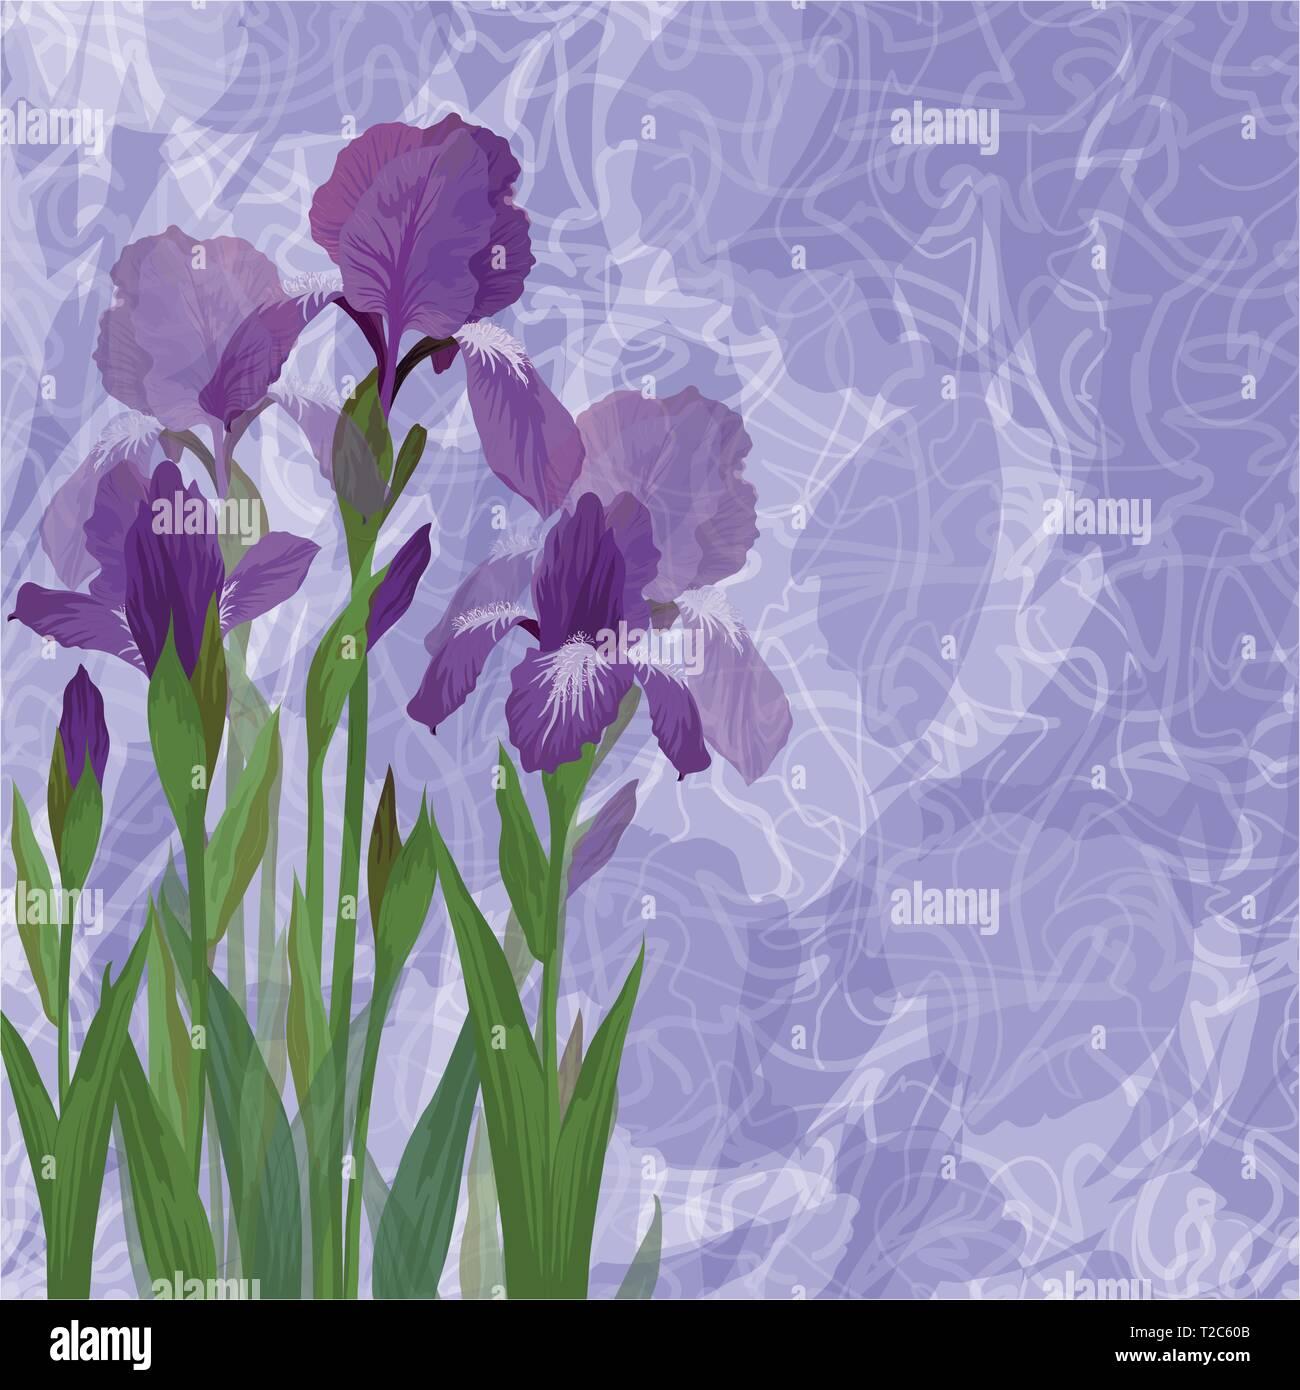 Fiori iris in astratto, sfondo immagine per vacanza design. Eps vettoriali10, contiene i lucidi Immagini Stock